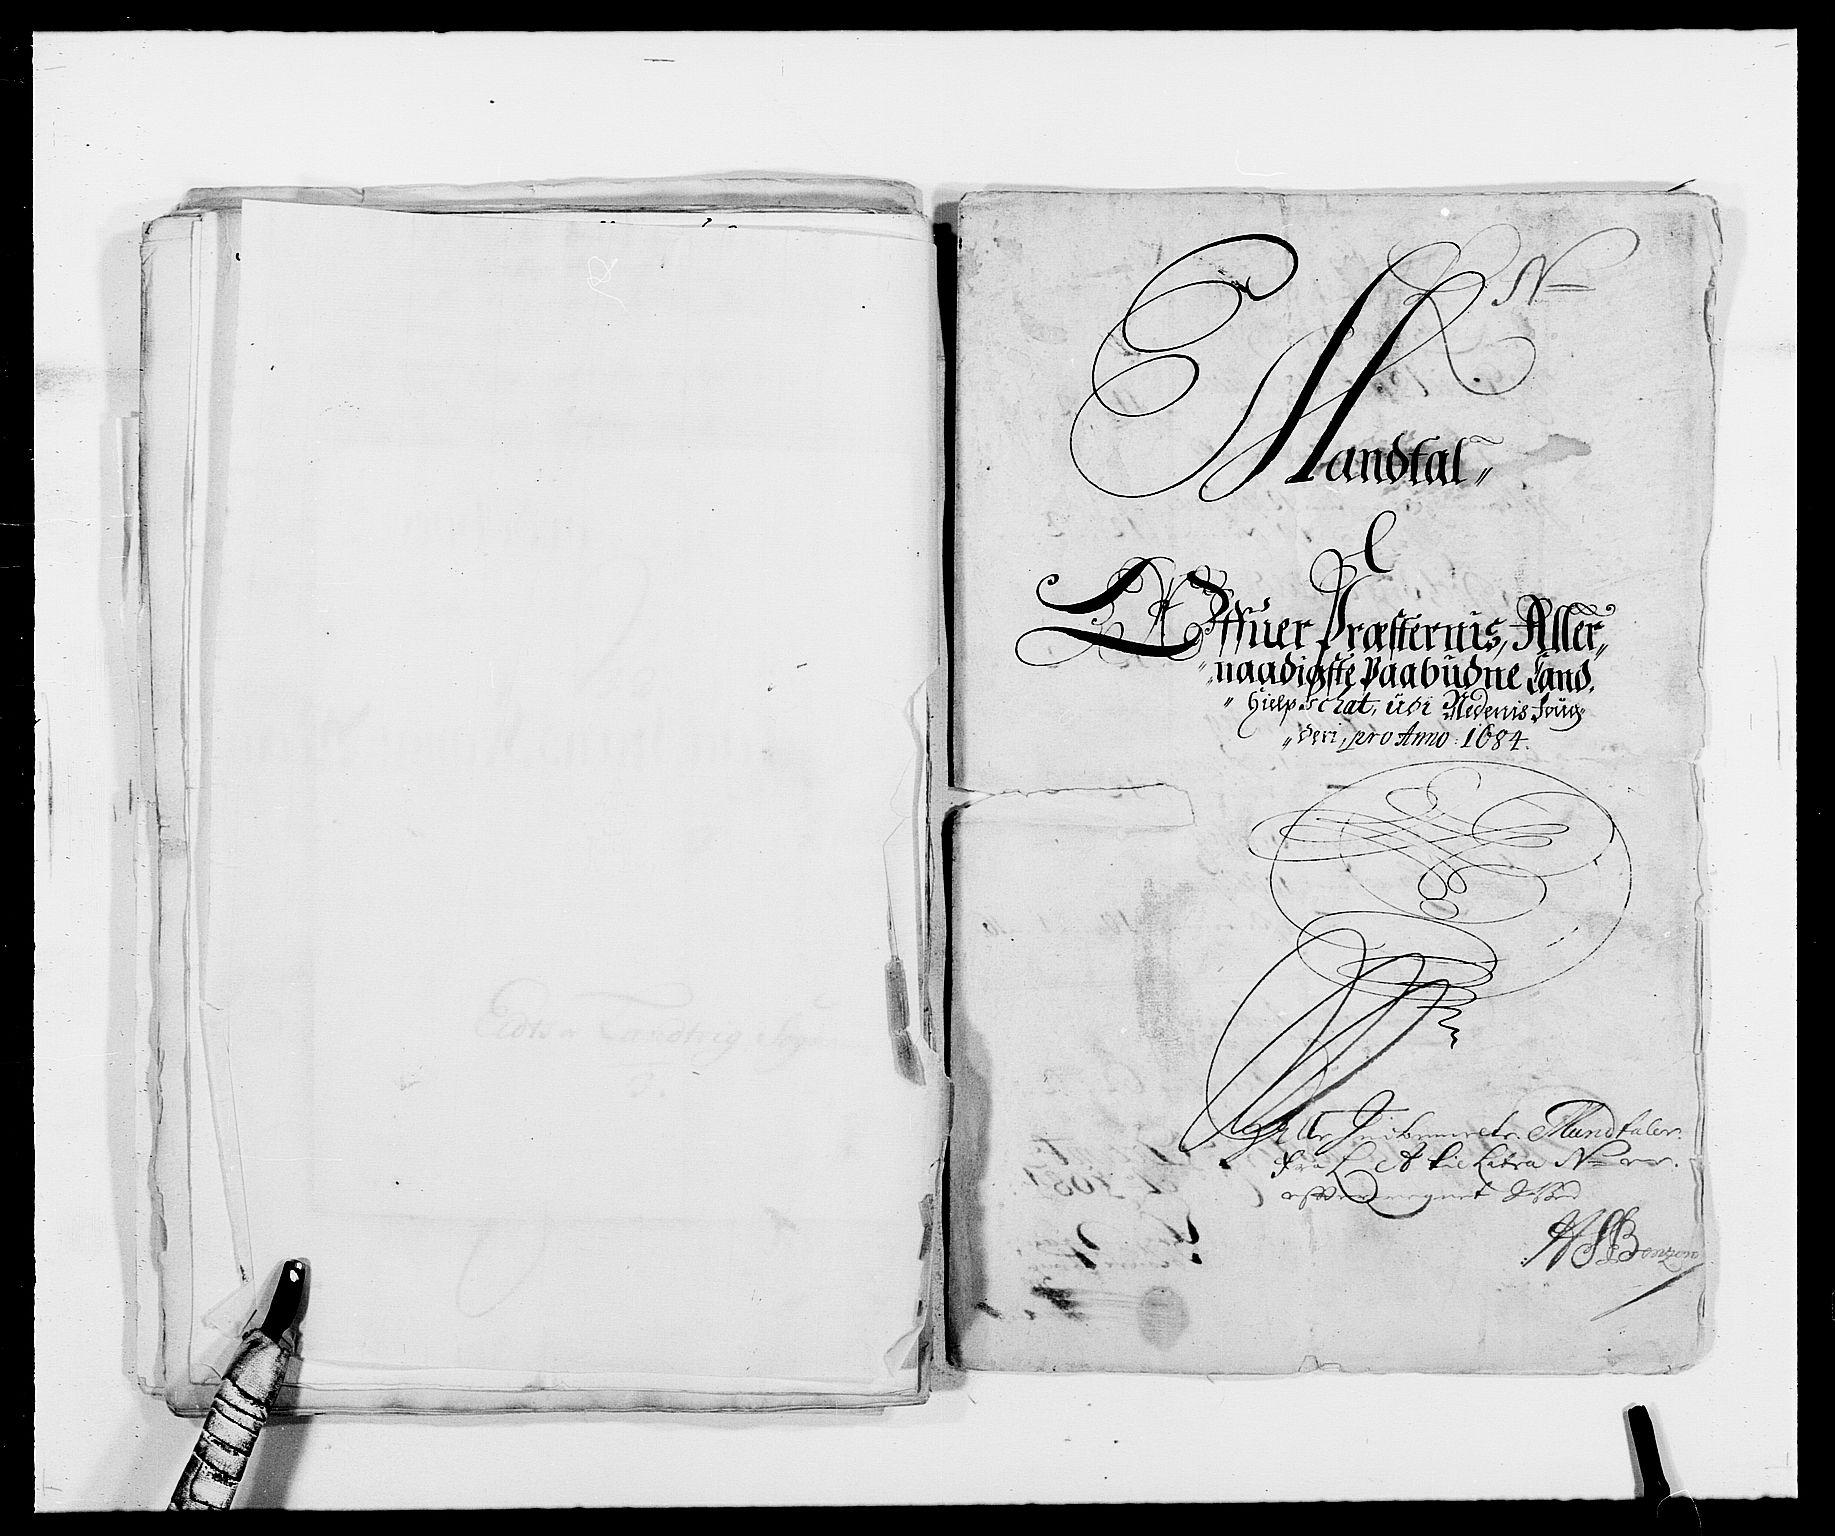 RA, Rentekammeret inntil 1814, Reviderte regnskaper, Fogderegnskap, R39/L2308: Fogderegnskap Nedenes, 1684-1689, s. 181